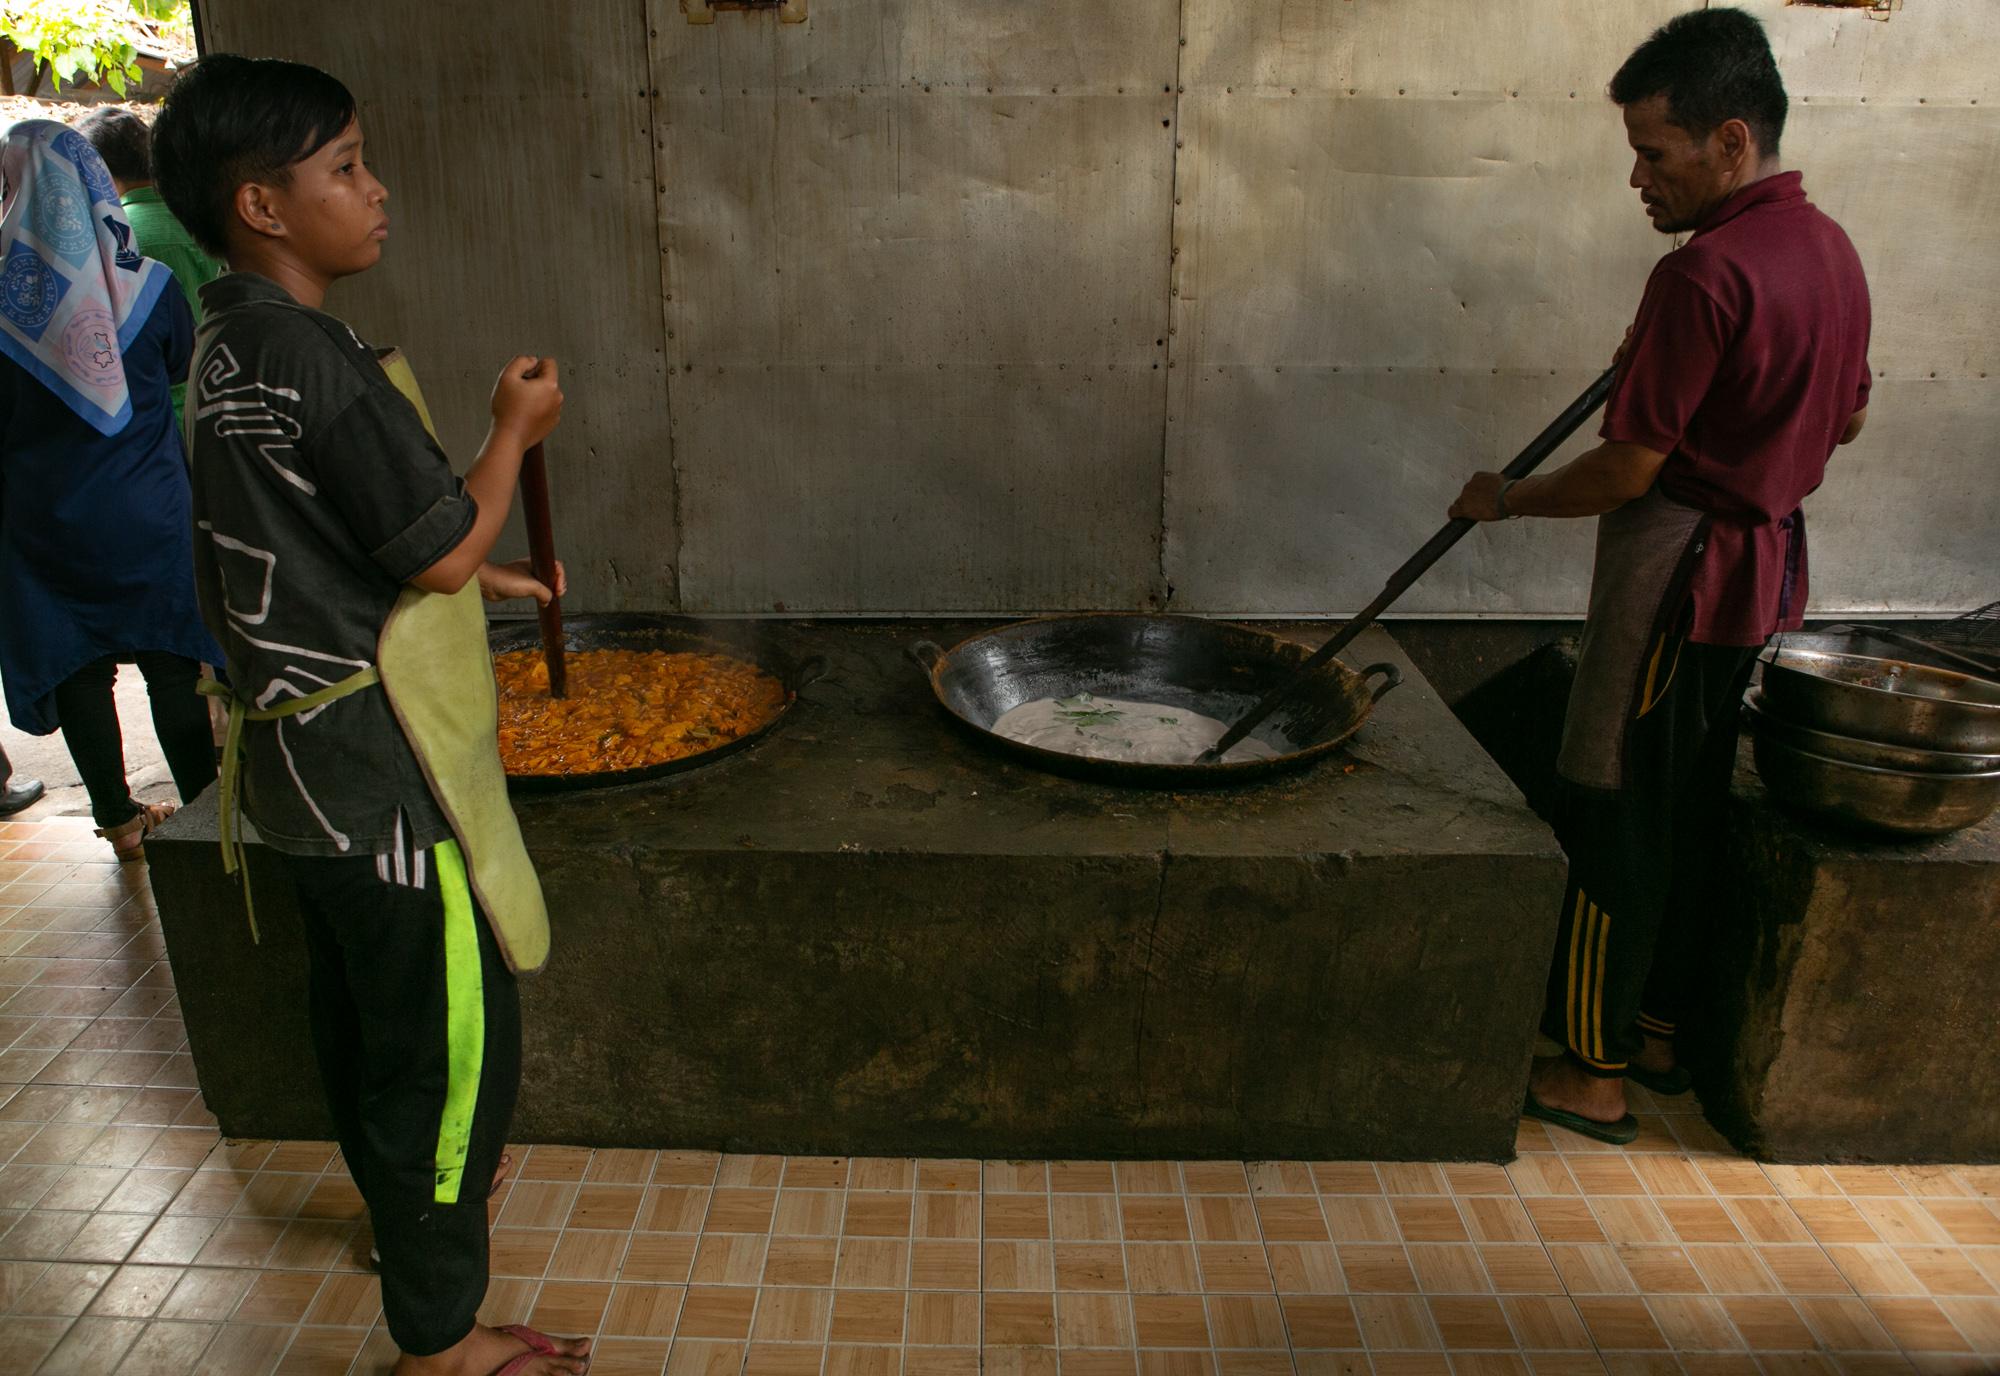 proses pembuatan rendang menggunakan alat tradisional | foto : pesonaindonesia